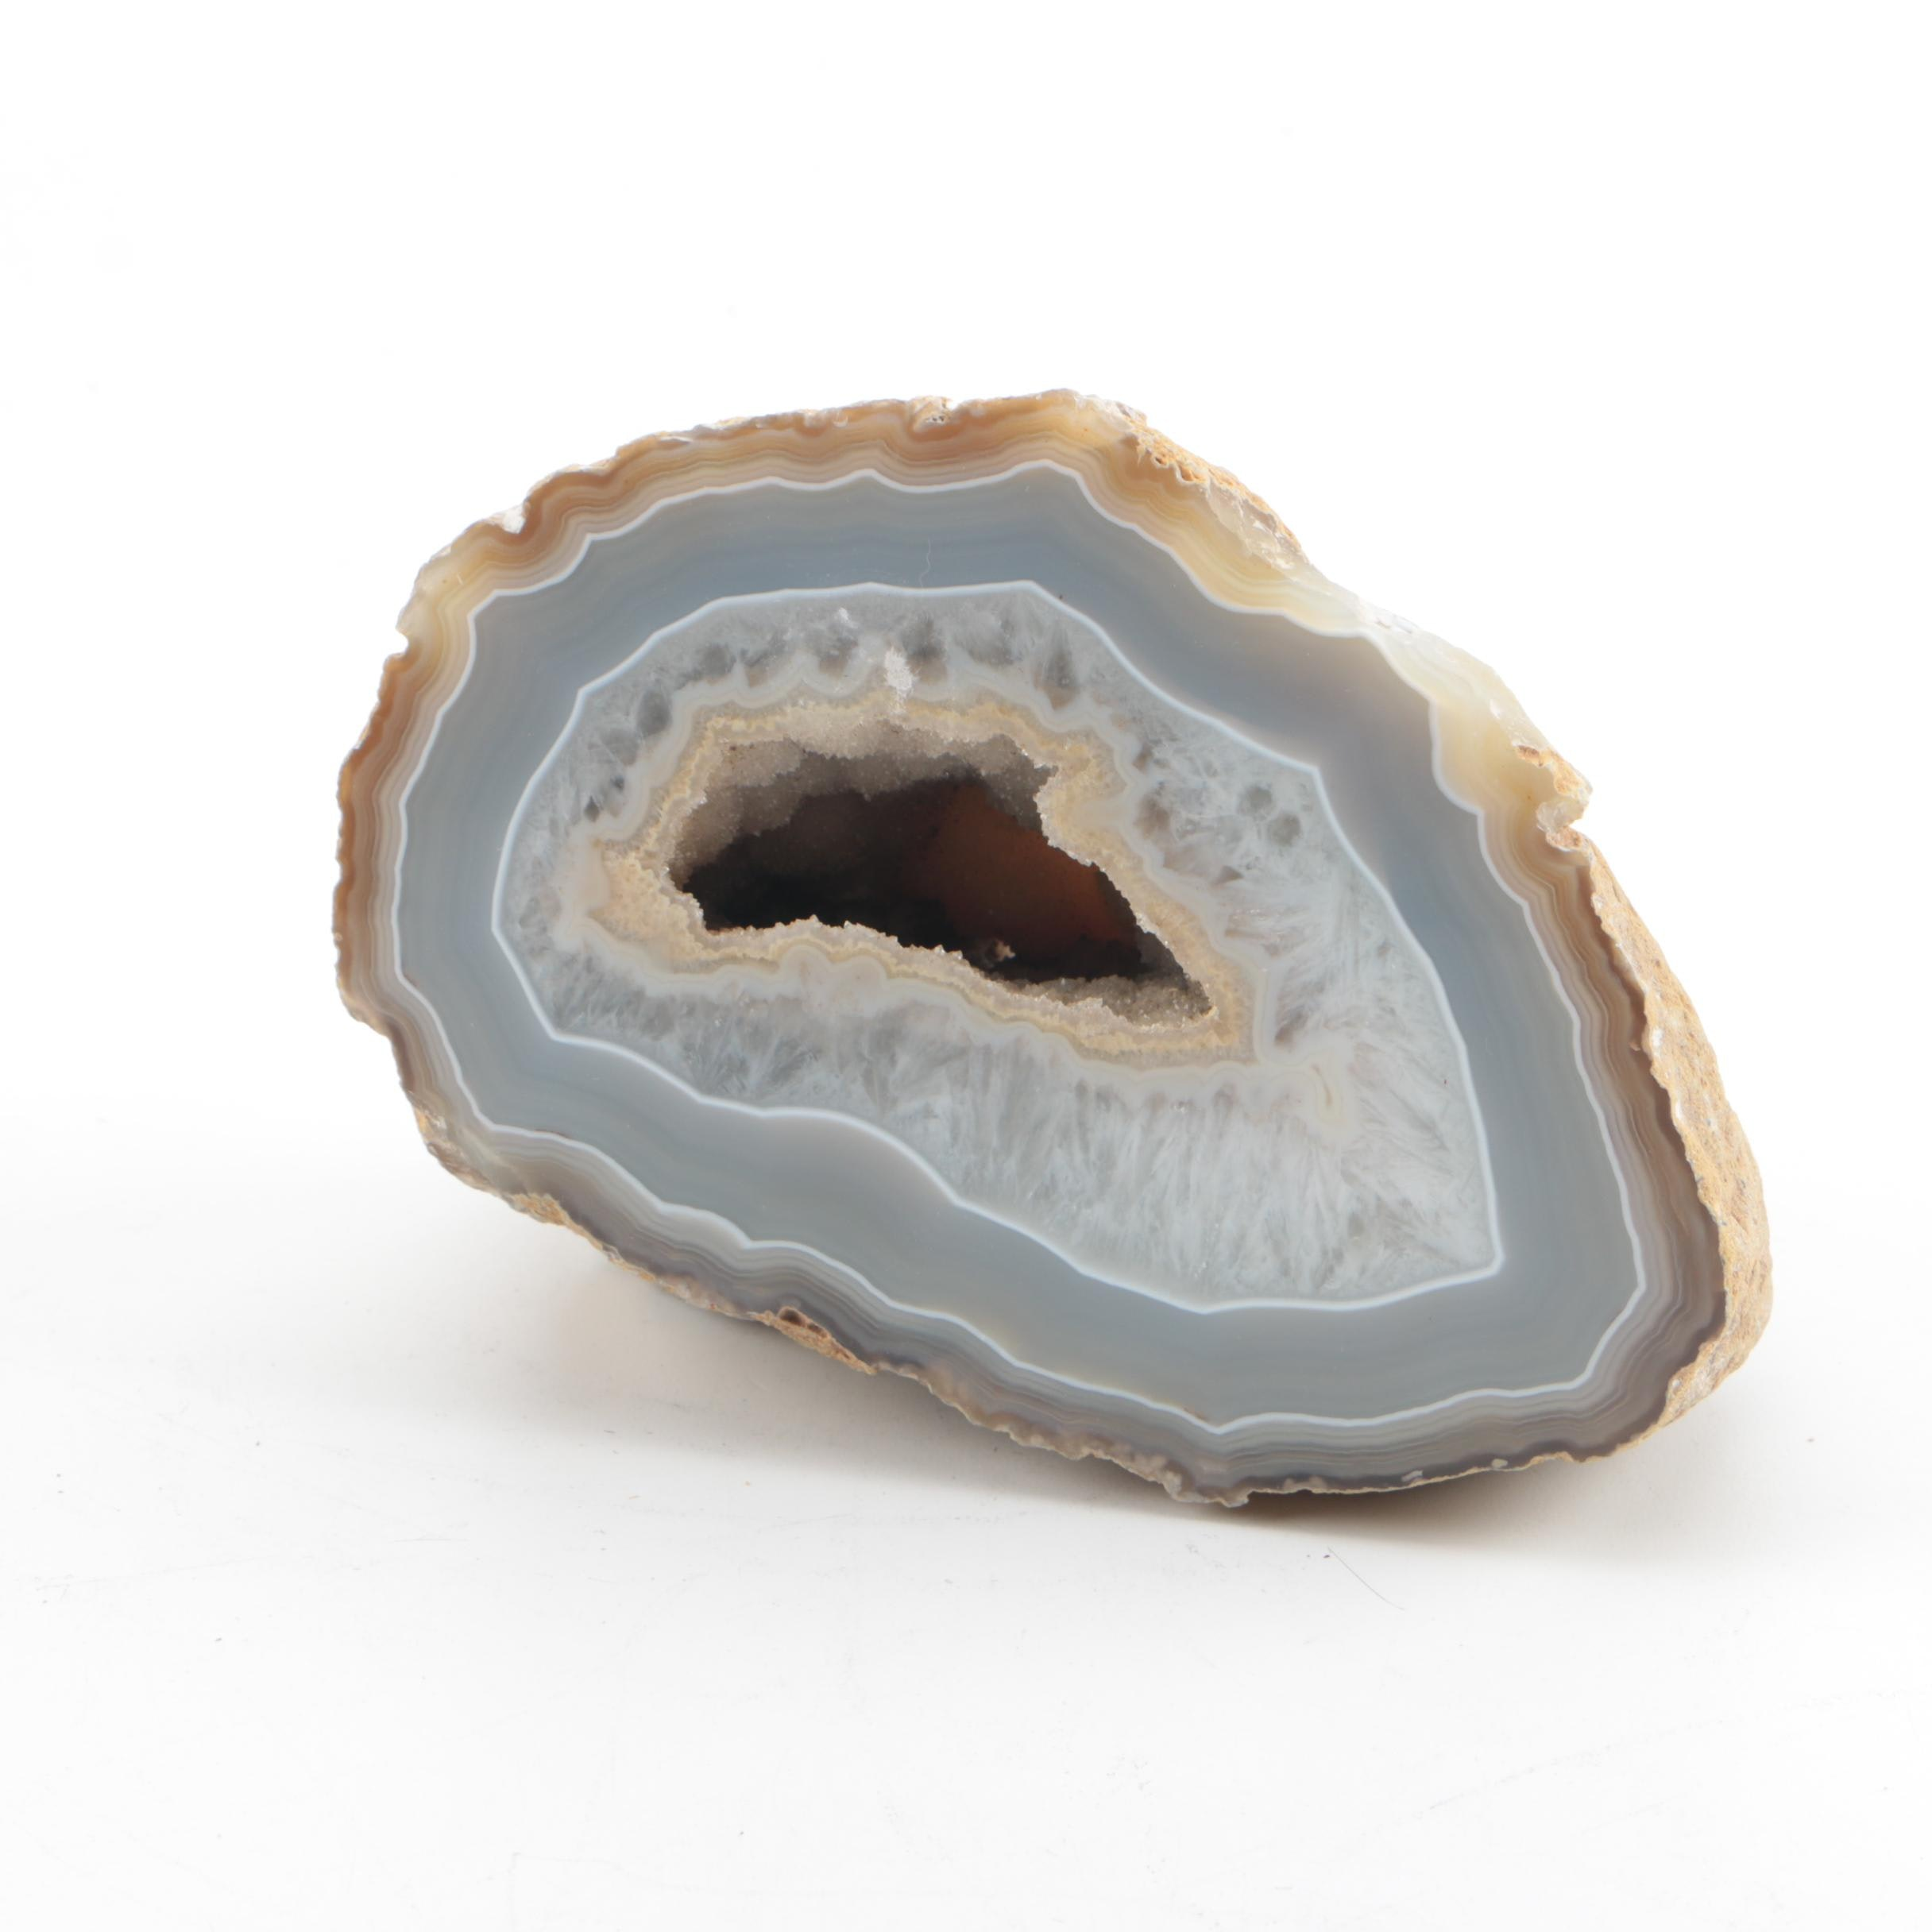 Quartz Geode Specimen